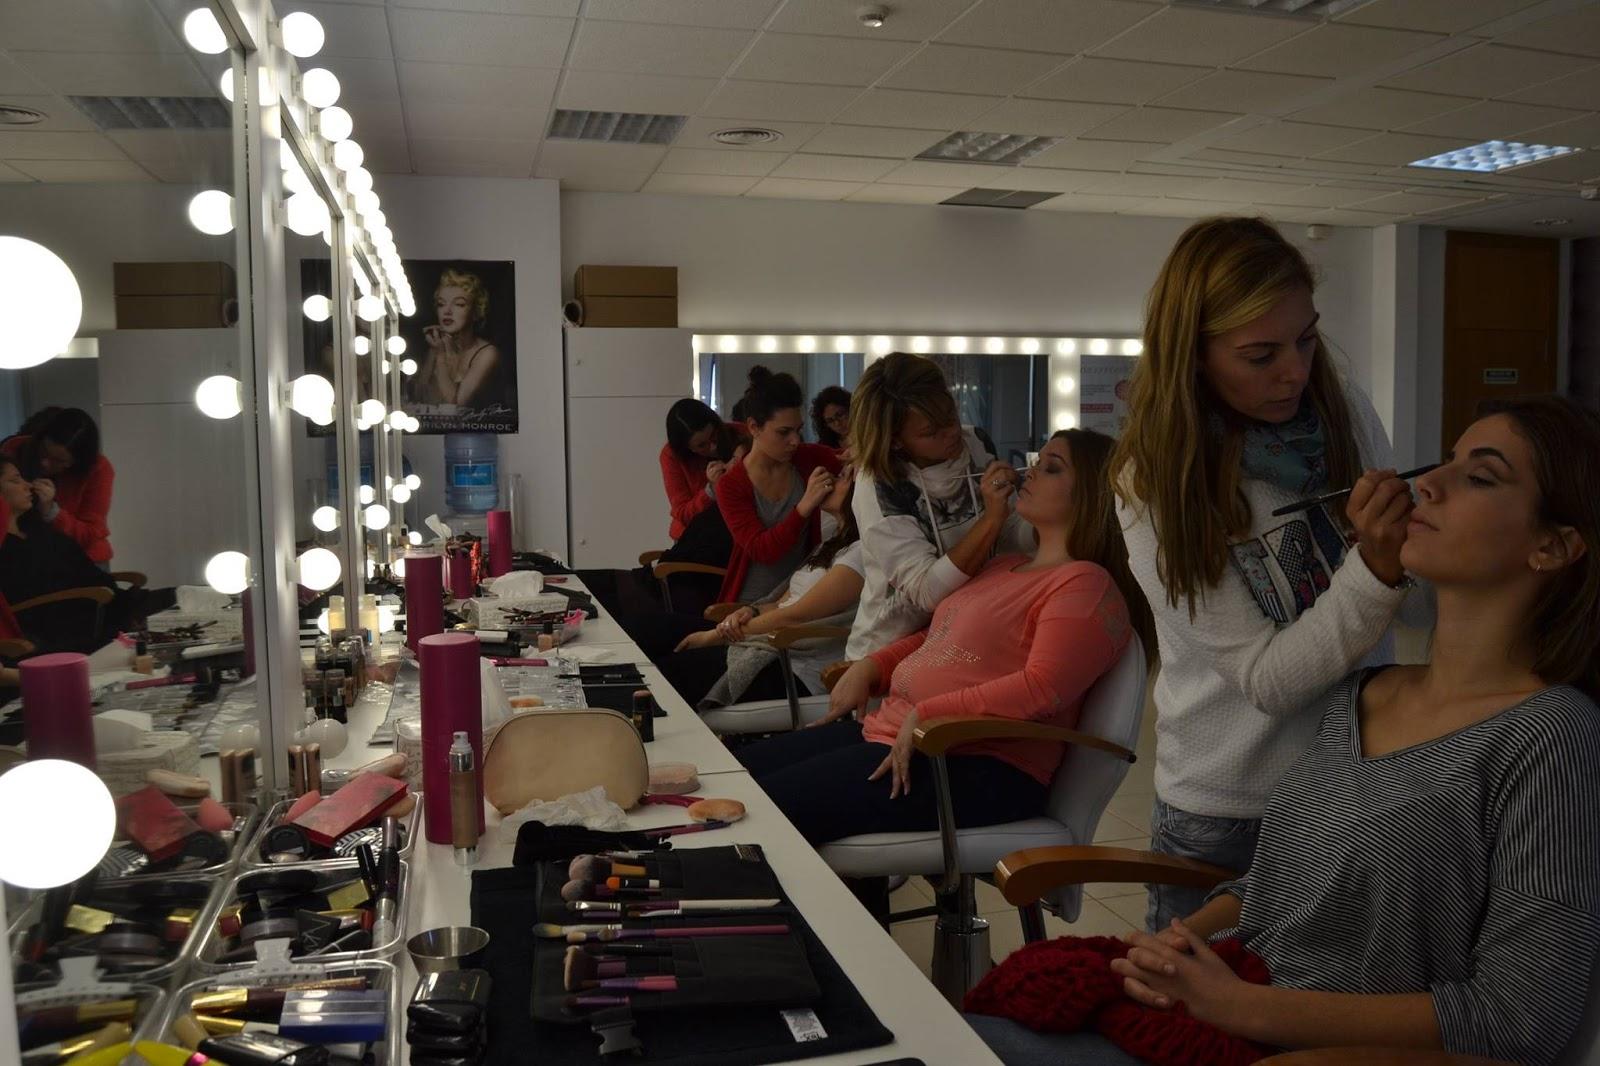 Estudia para ser maquilladora profesional en la escuela - Estudio de maquillaje ...